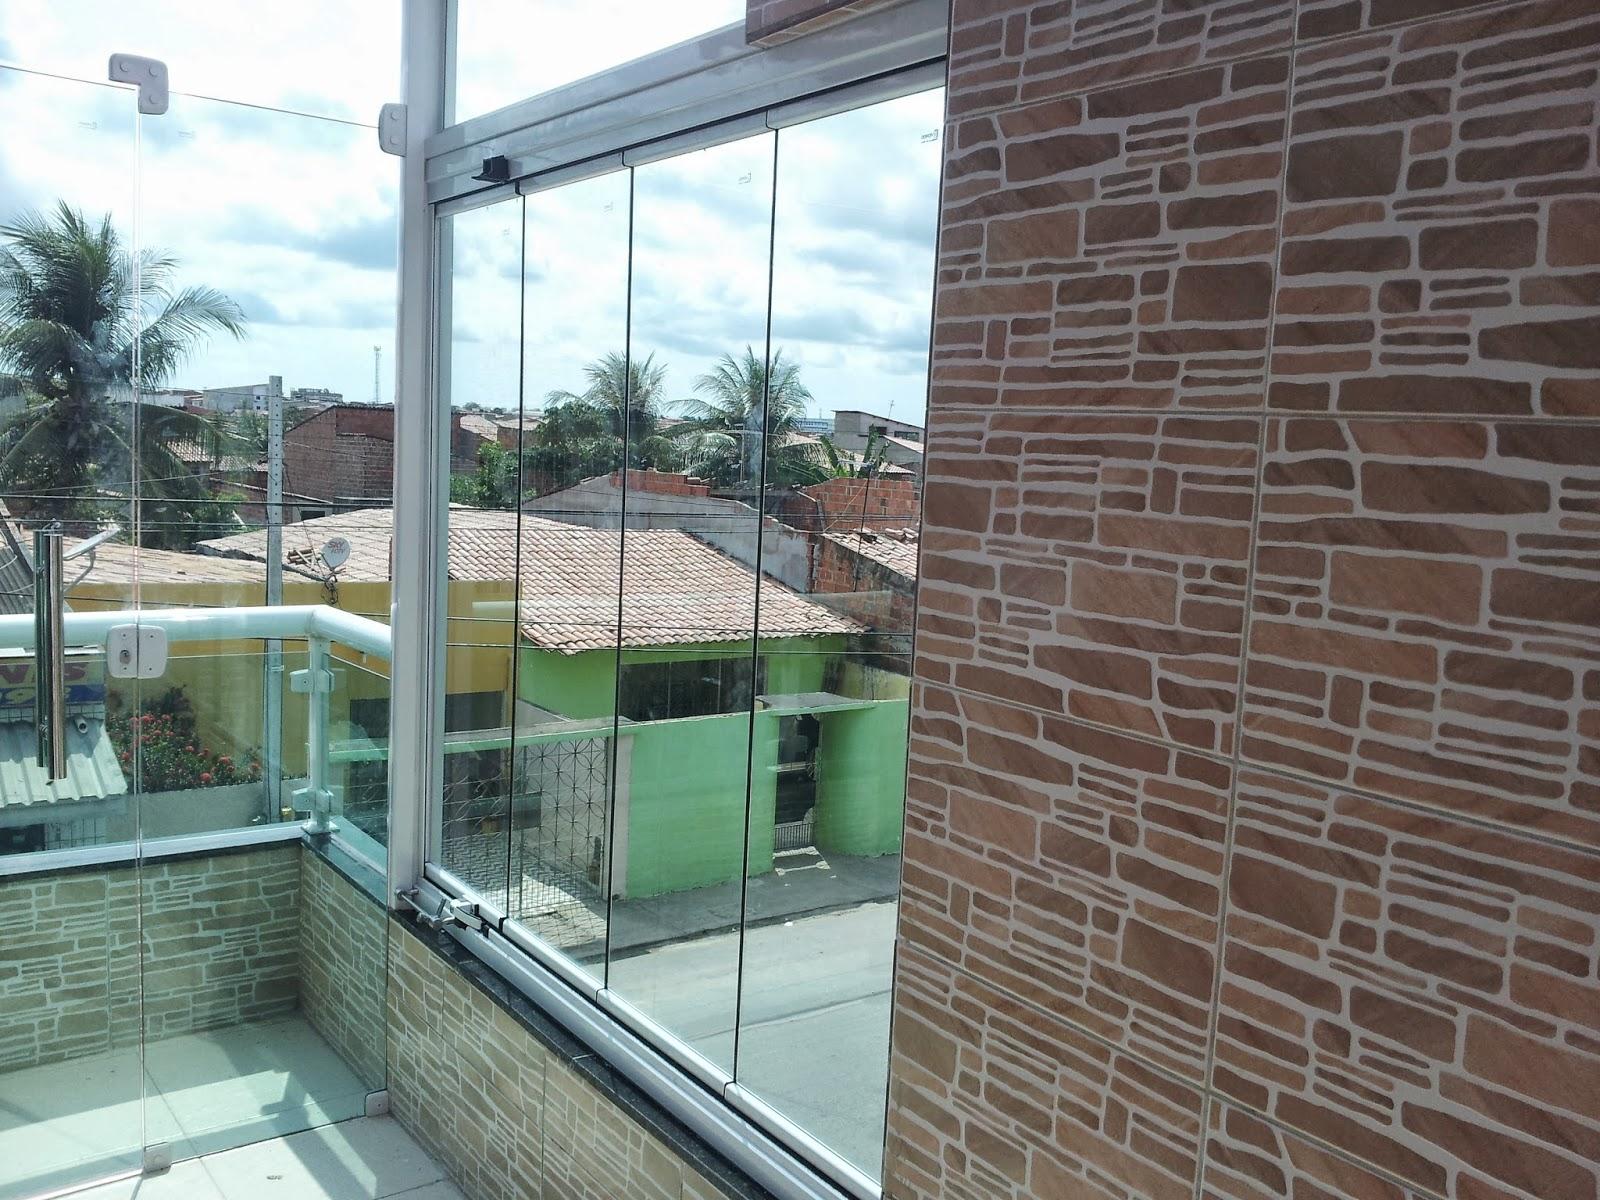 #468185 Criativo Vidraçaria: Cortina de vidro em Fortaleza 92 Janelas De Vidro Em Fortaleza Ce